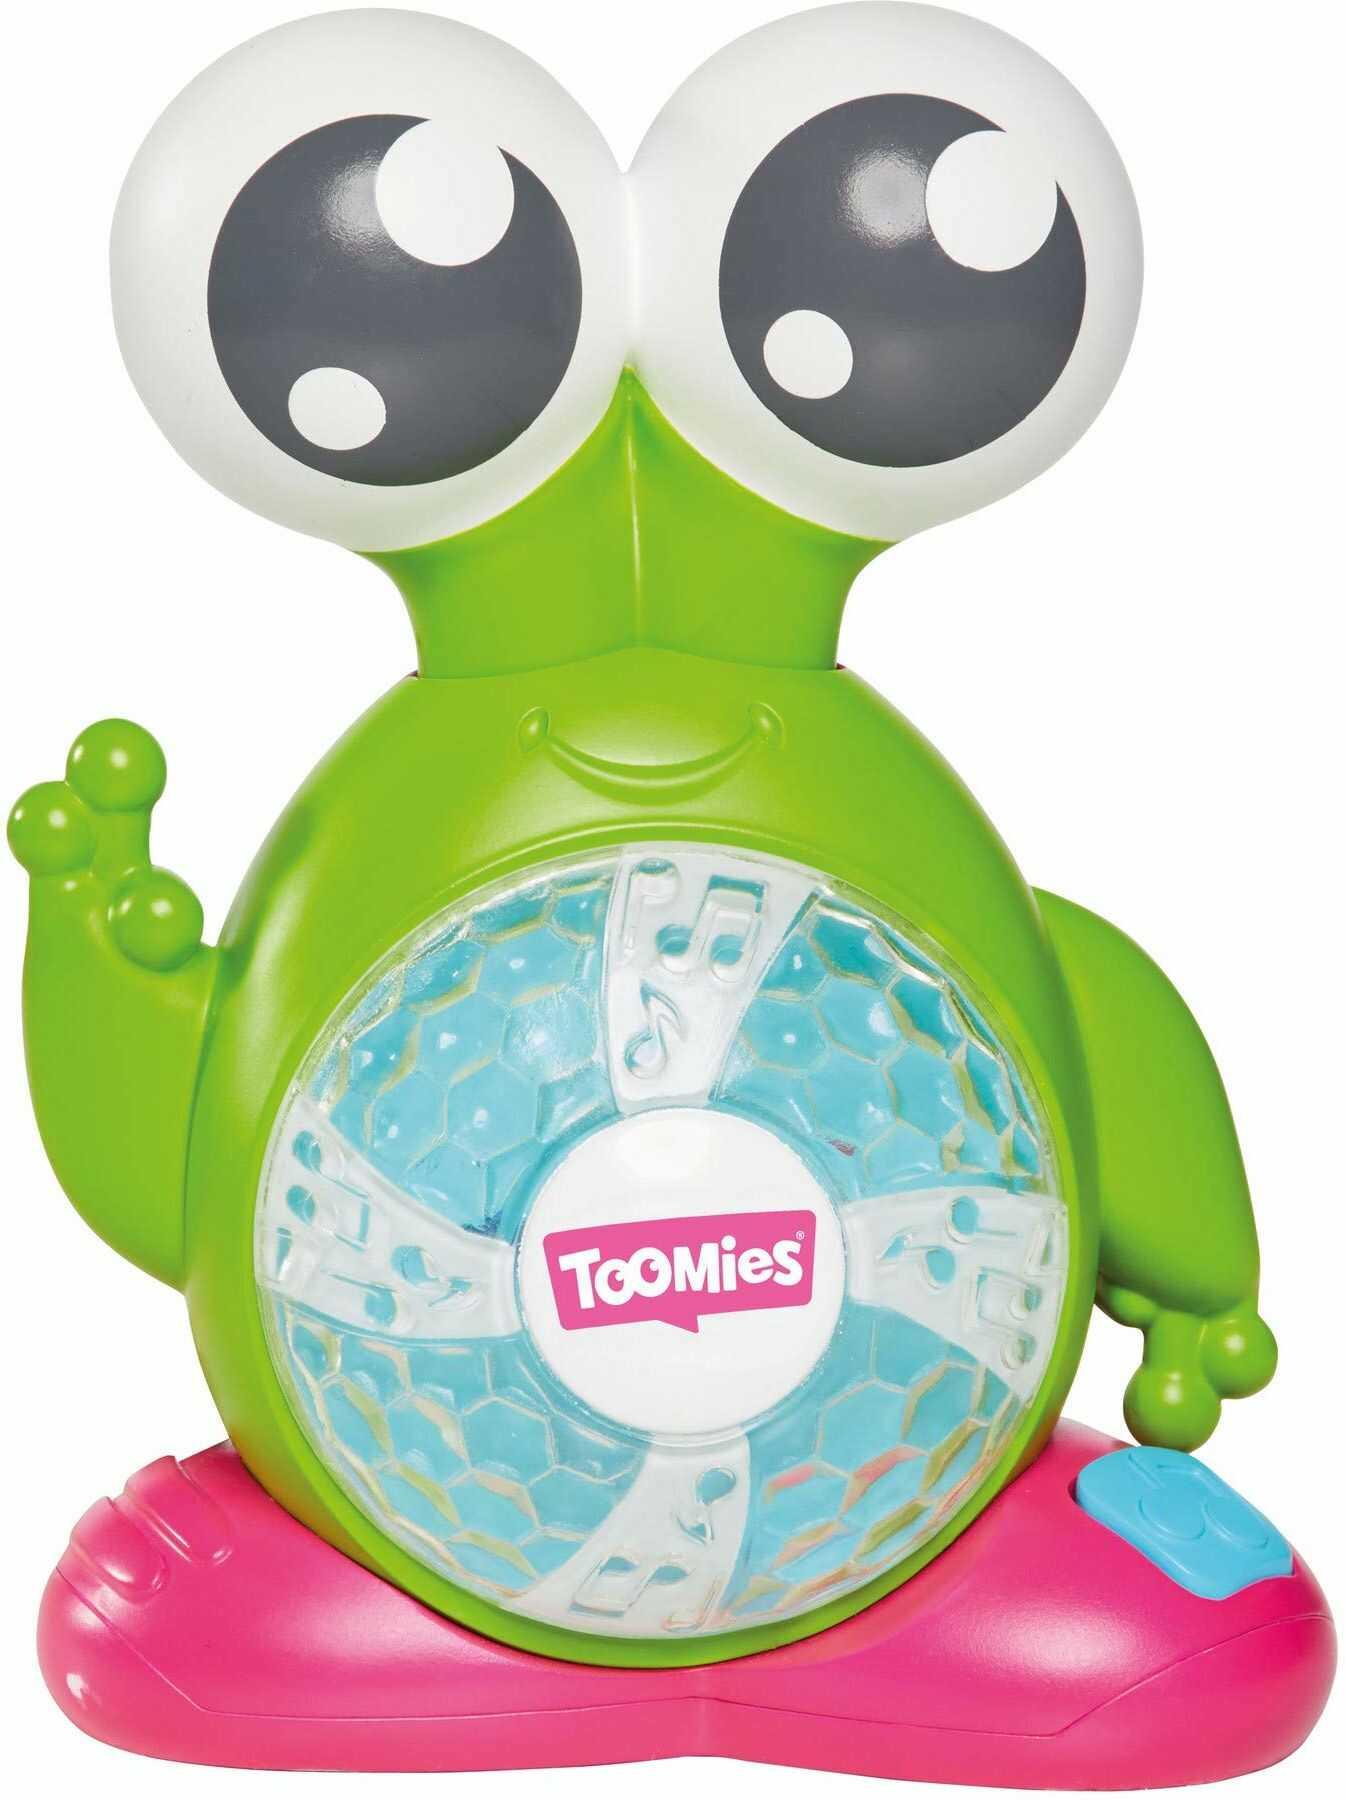 TOMY Toomies Licht & Sound-Alien zabawka dla niemowląt z funkcją muzyki i światła  wysokiej jakości zabawka dla małych dzieci  dla niemowląt i małych dzieci od 18 miesięcy  idealna jako prezent